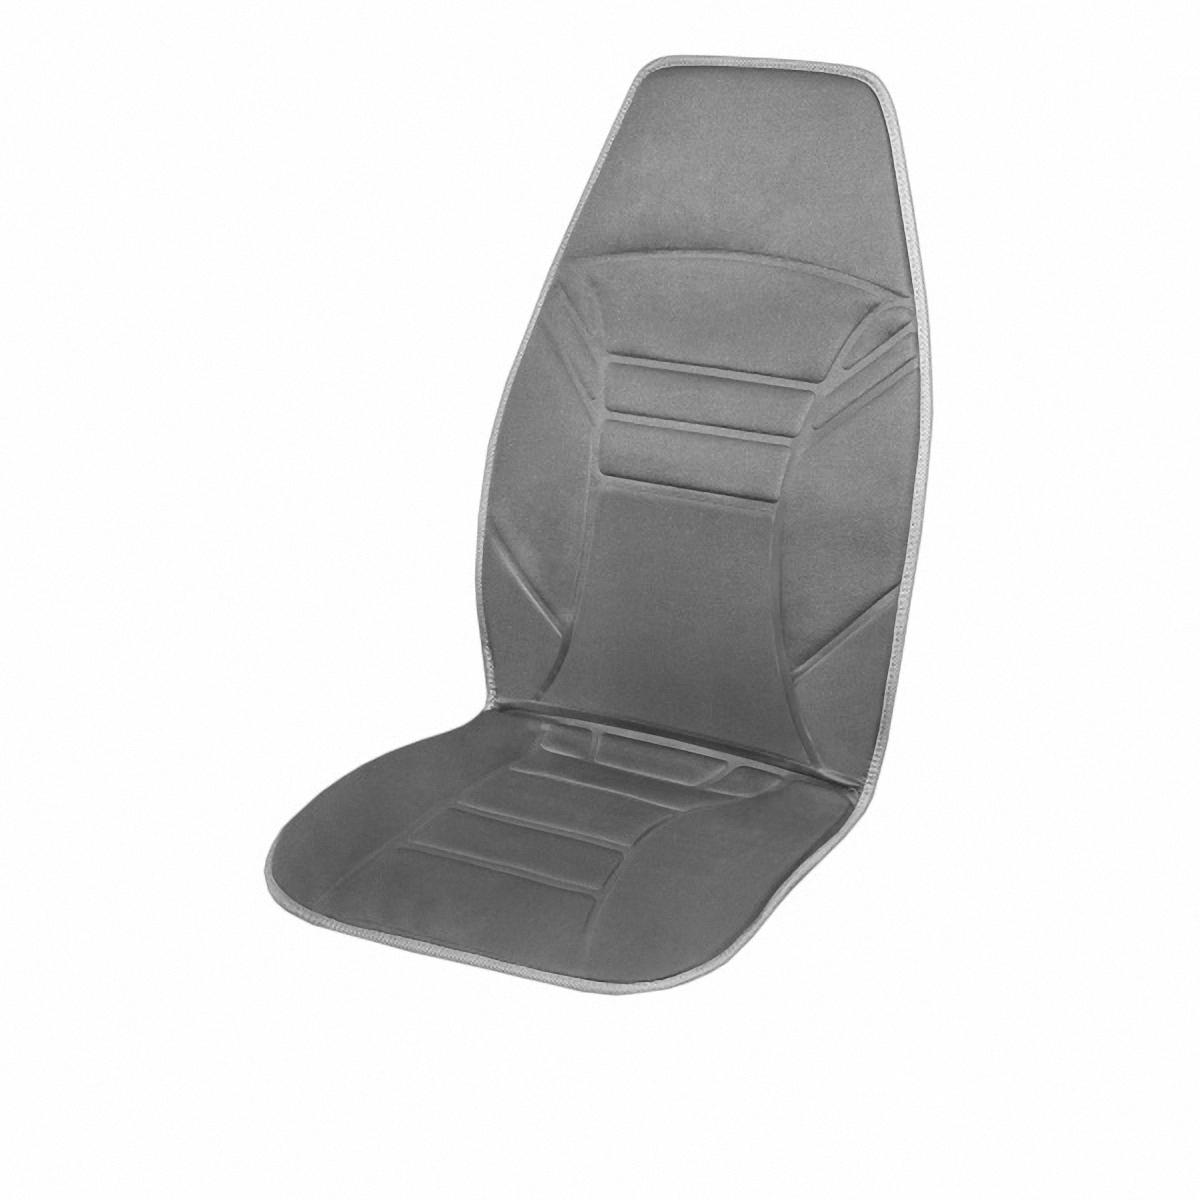 Подогрев для сиденья Skyway, со спинкой. S02201001S02201001Подогрев сиденья со спинкой с терморегулятором (2 режима) 12V; 2,5А-3А . Подогрев сидения – это сезонный товар и большой популярностью пользуется в осенне-зимний период. ТМ SKYWAY предлагает наружные подогревы сидений, изготовленные в виде накидки на автомобильное кресло. Преимущество наружных подогревов в простоте установки. Они крепятся ремнями к креслу автомобиля и подключаются к бортовой сети через гнездо прикуривателя.